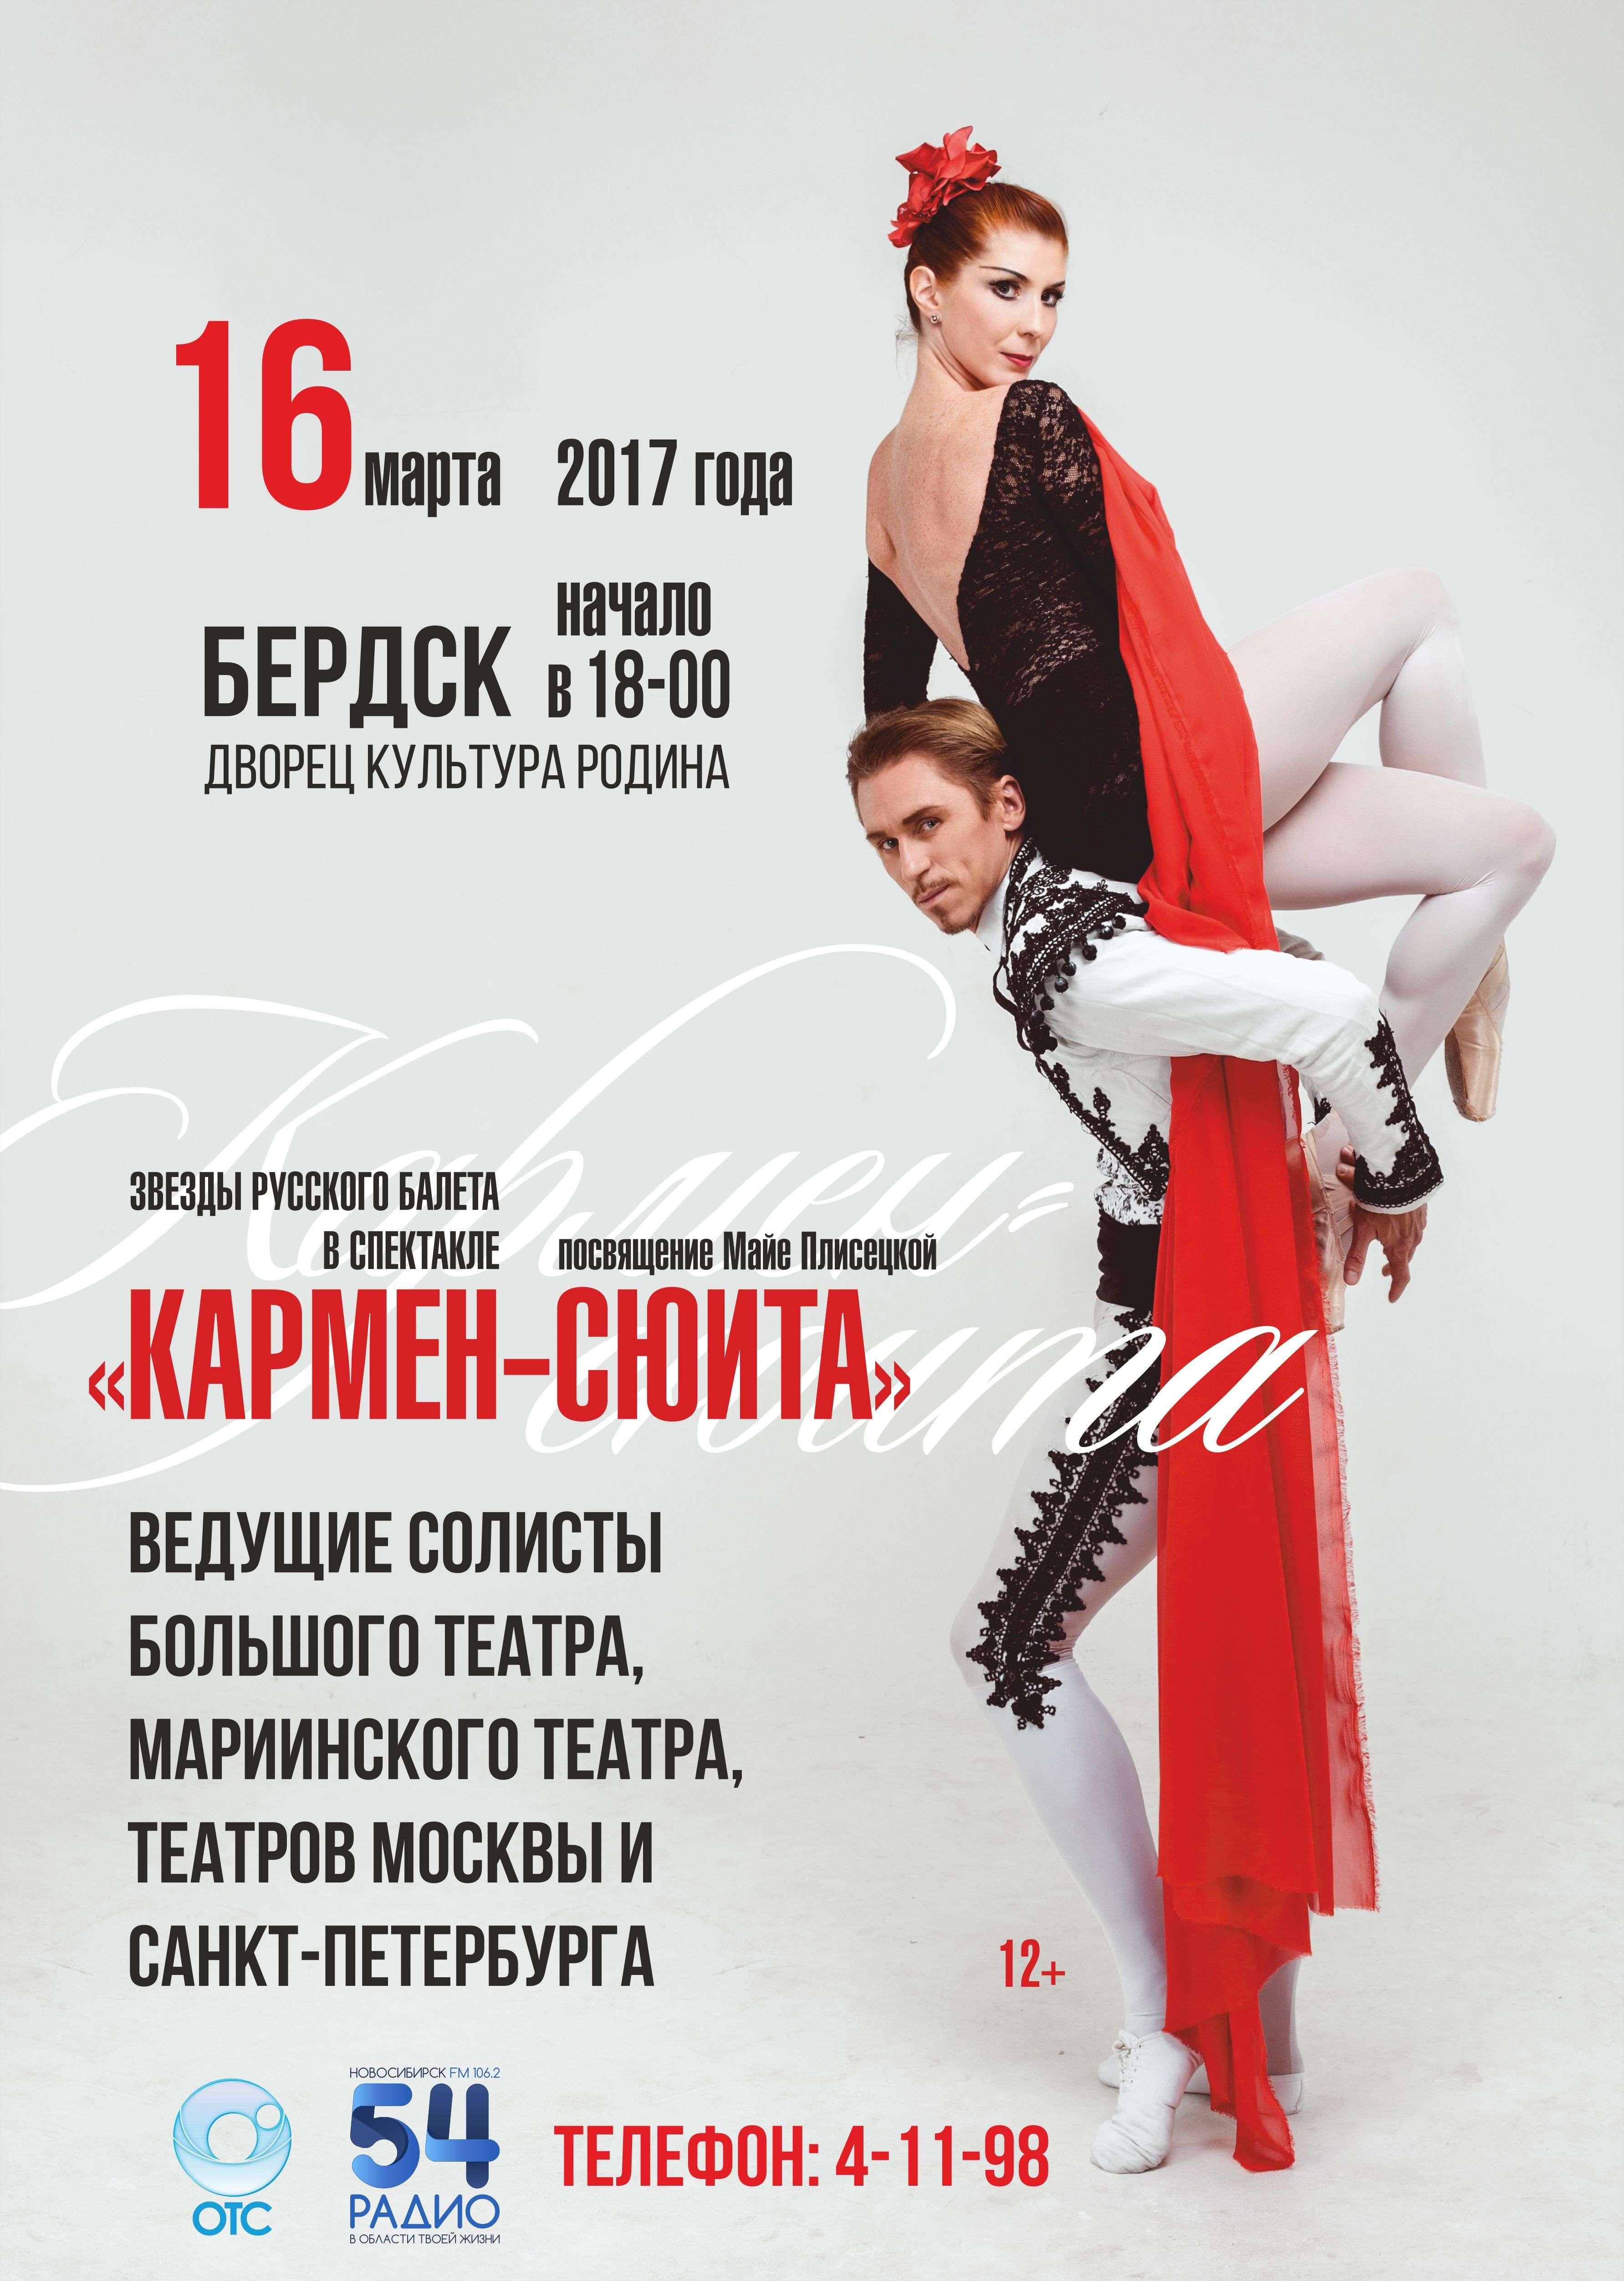 Концерты в Москве 20172018 Купить билеты на концерты